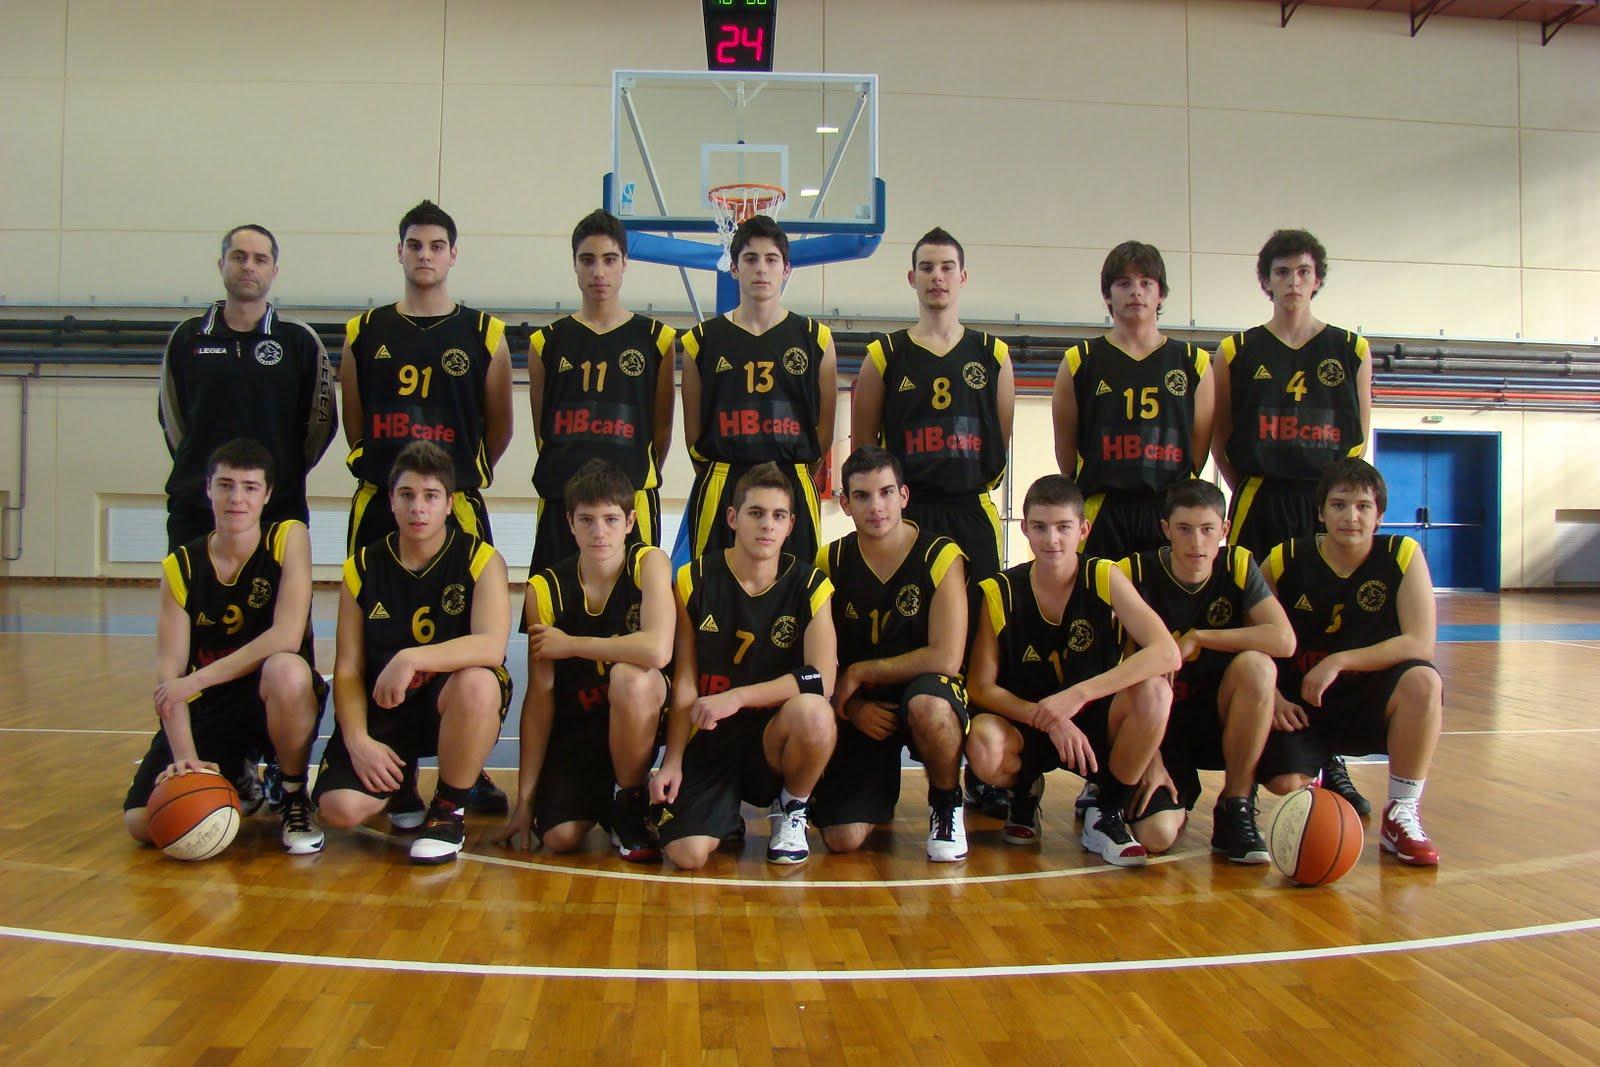 '95 πρωταθλητές παίδων 2010-11